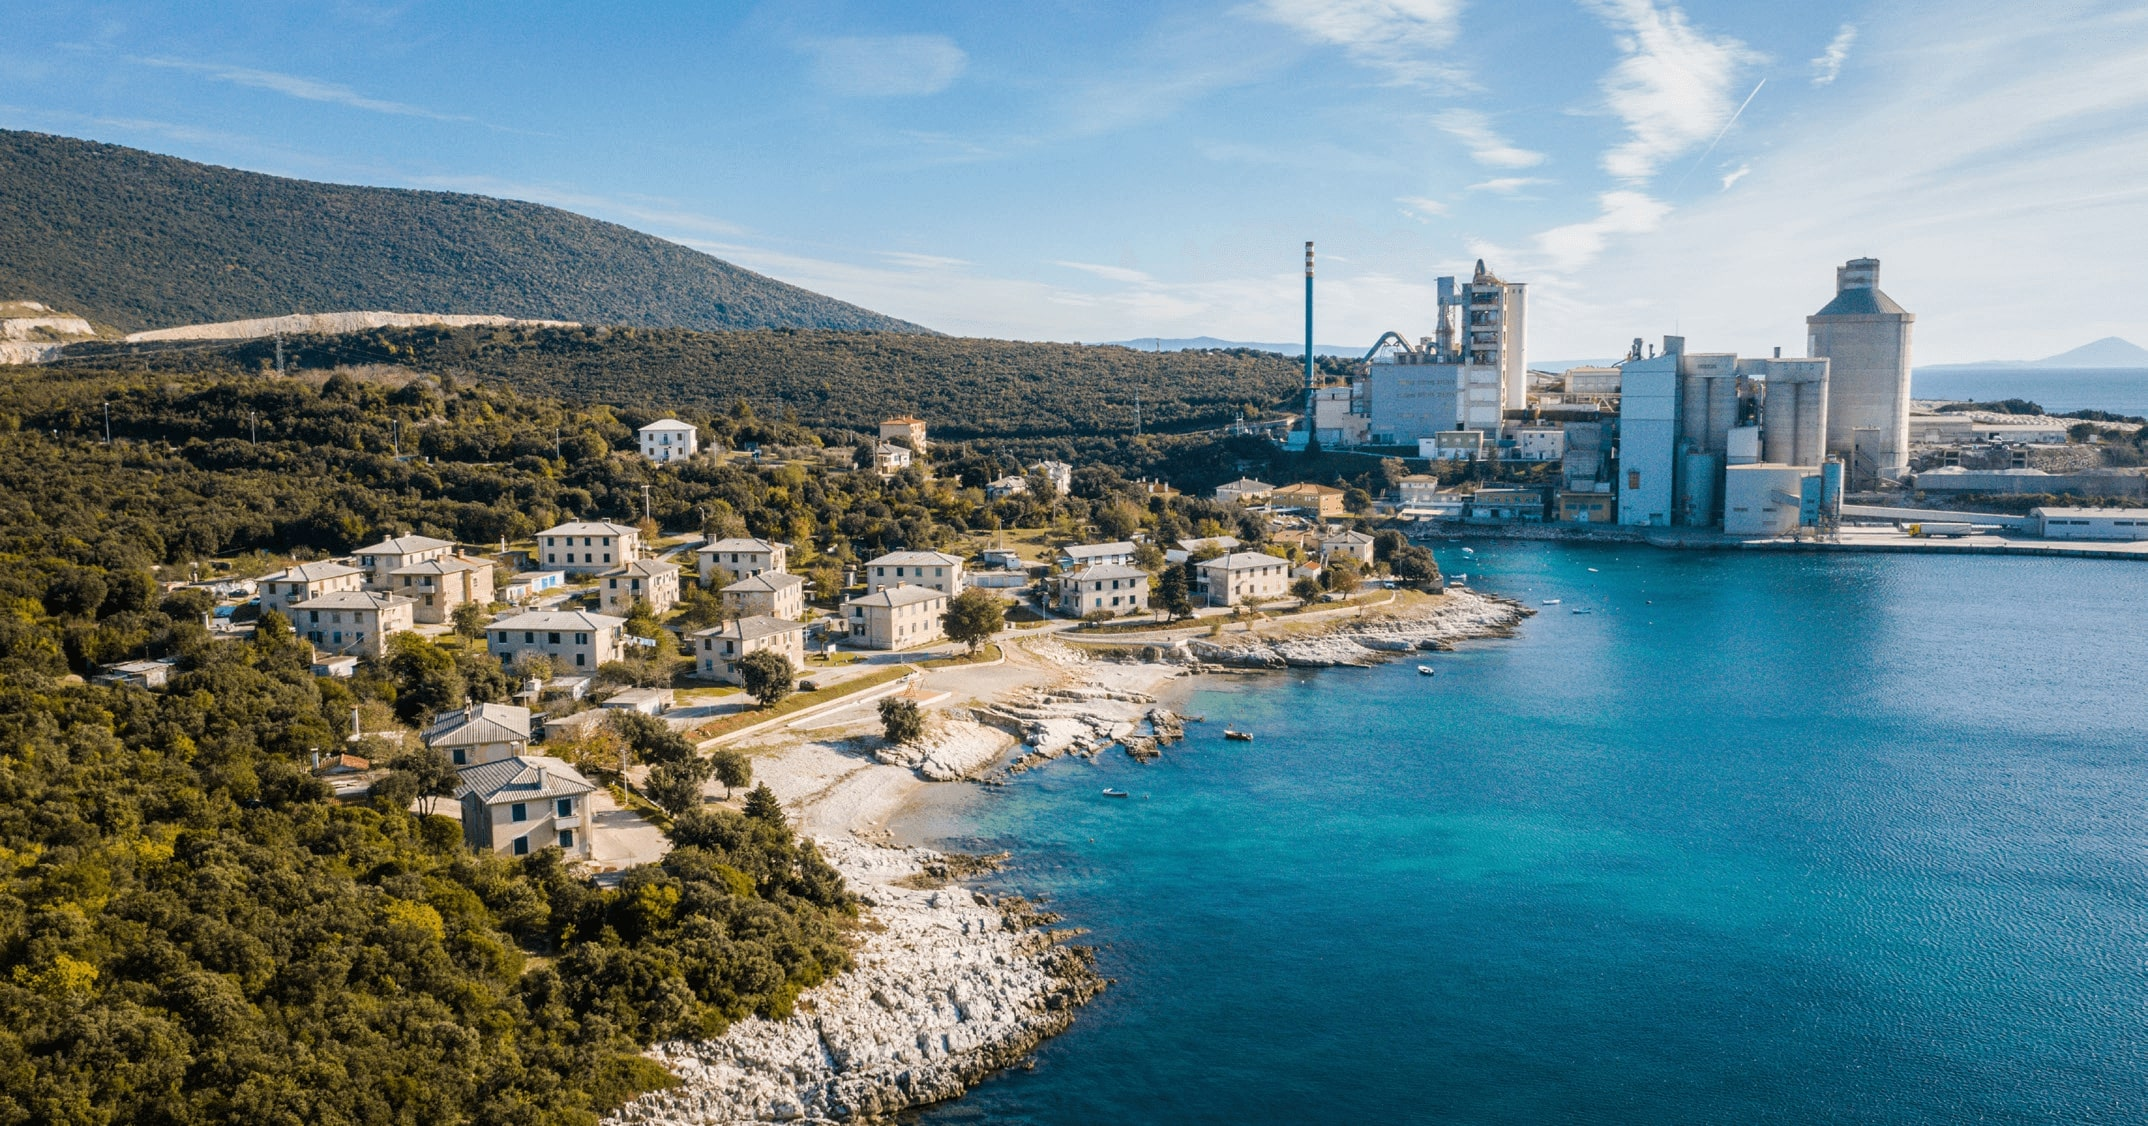 Holcim Hrvatska: Raznolikost živimo i njegujemo svaki dan 1 - hrpsor Hrvatski poslovni savjet za održivi razvoj